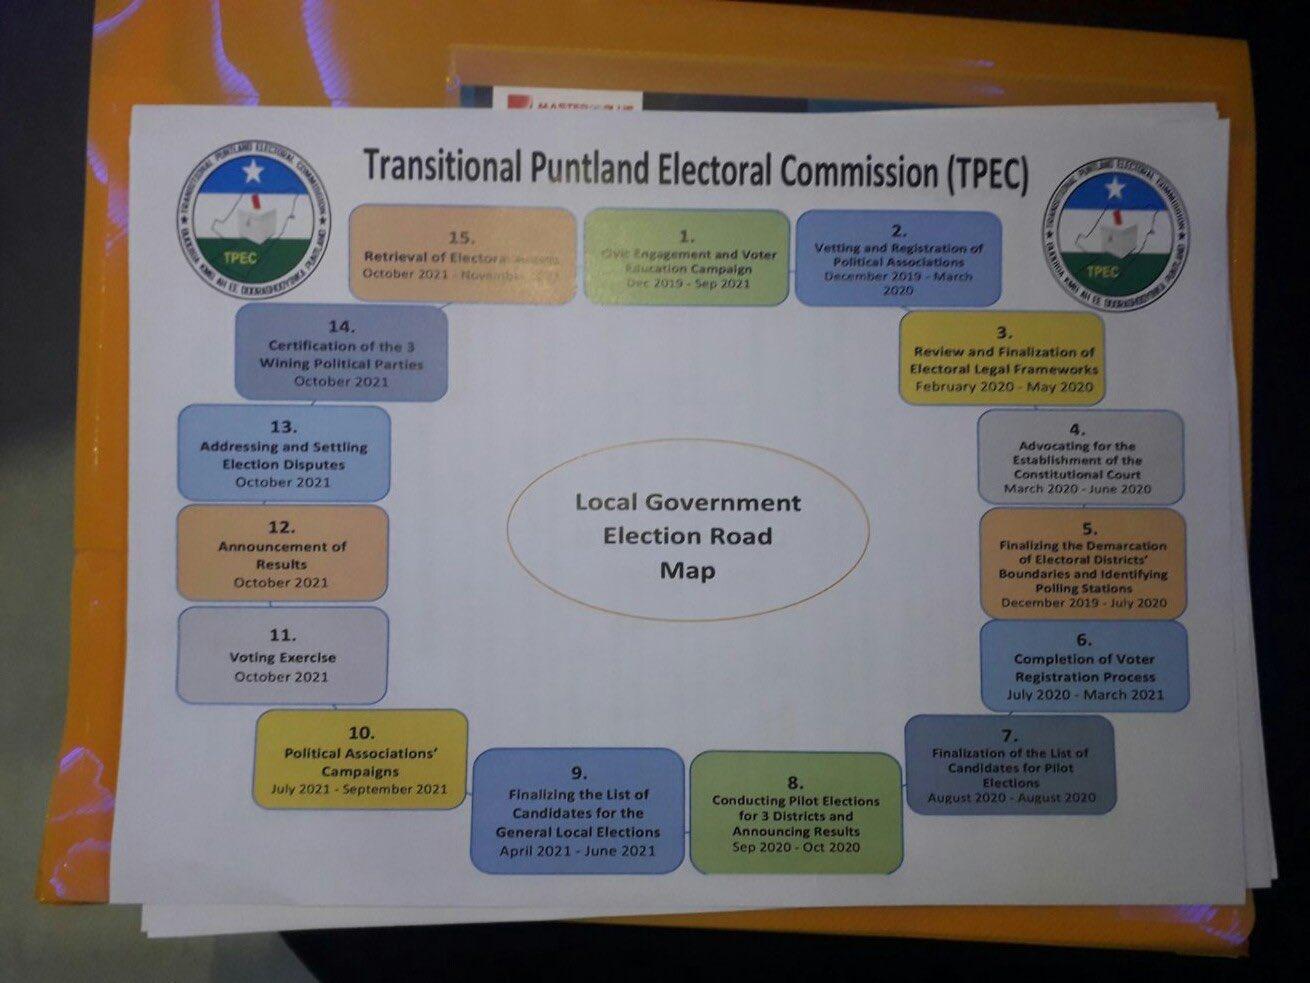 TPEC Road Map.jpg